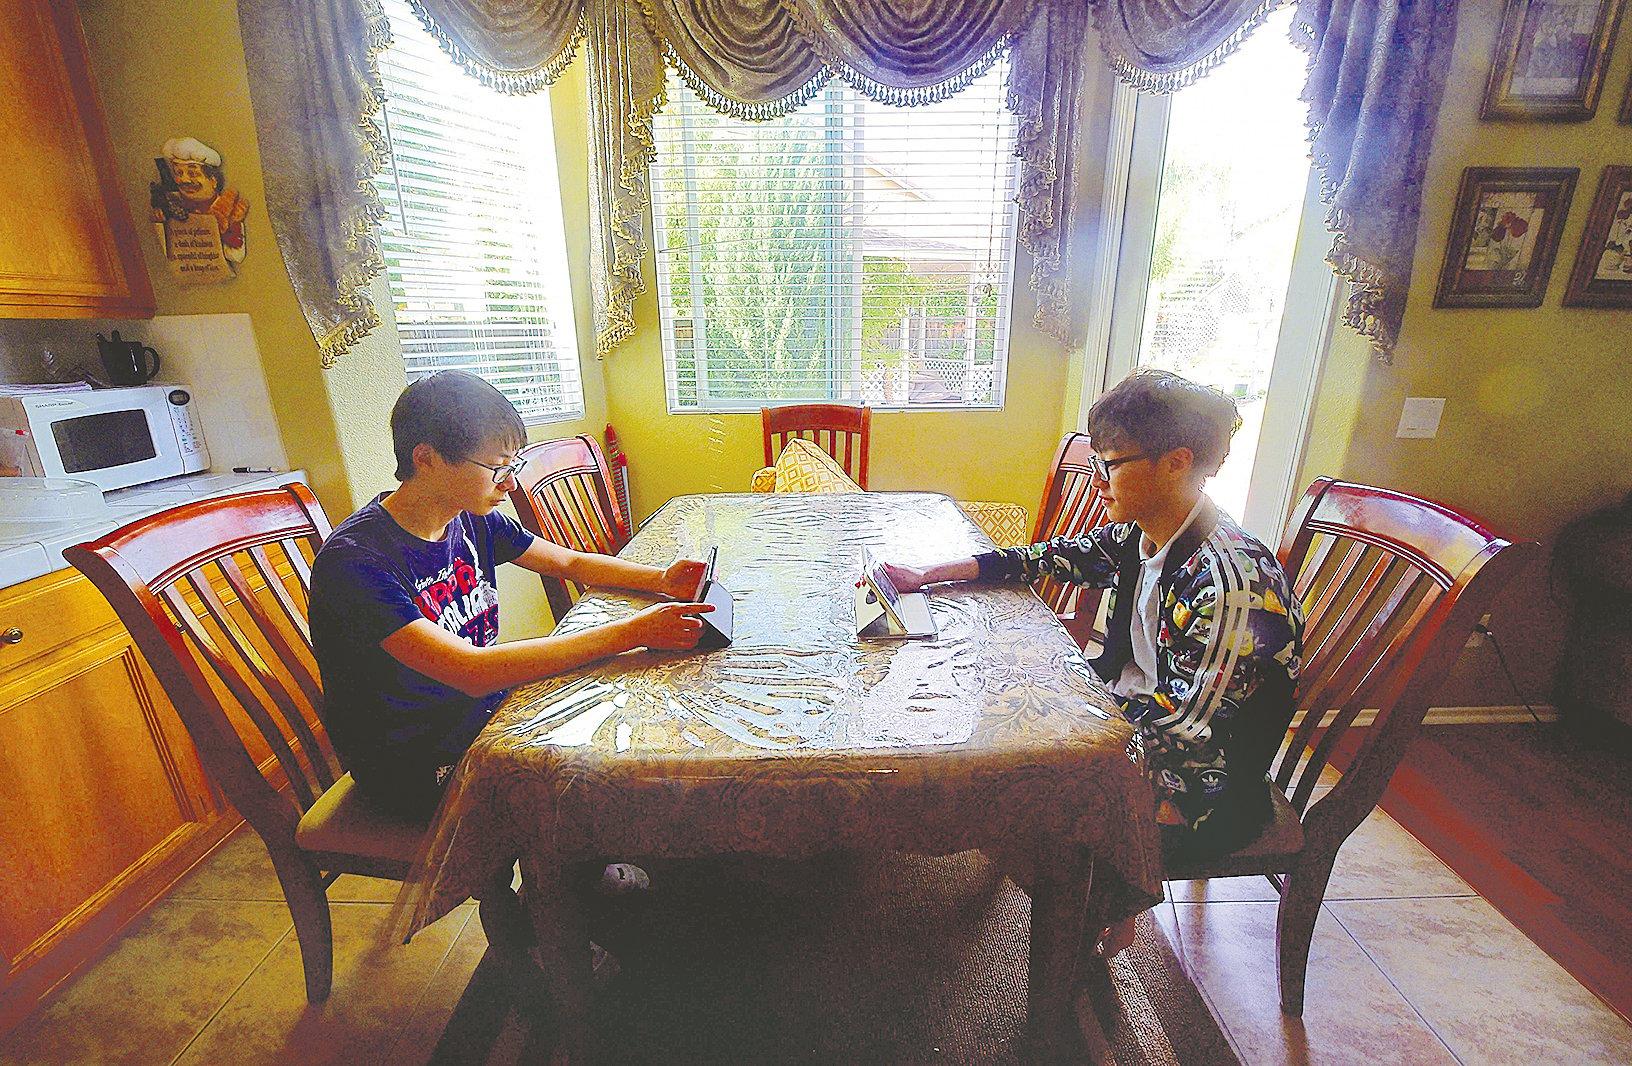 大陸電視劇《小別離》描述中國父母,不顧一切地送子女到美國讀高中。值得深思的是,把子女變成小留學生,這真是為他們著想,還是反而斷送他們的未來。(AFP/Getty Images)